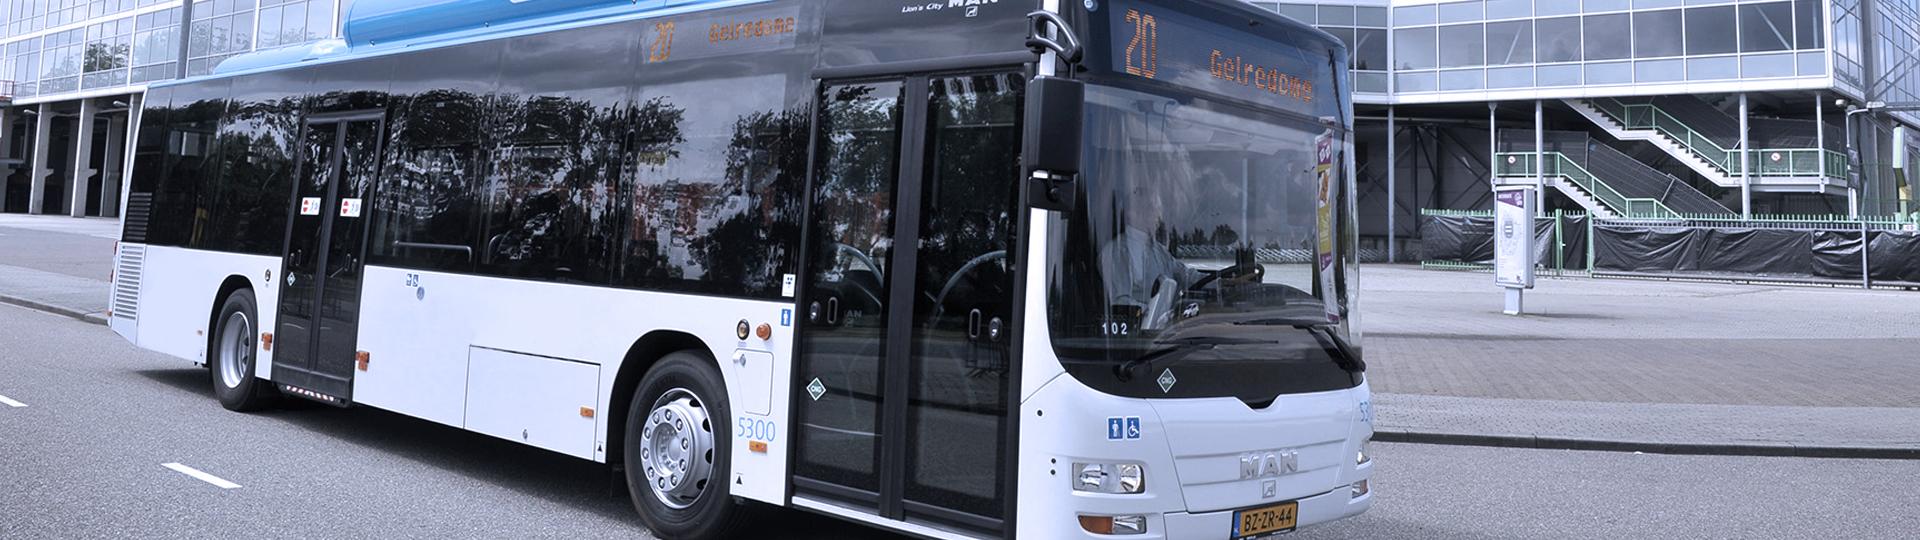 header-personenvervoer